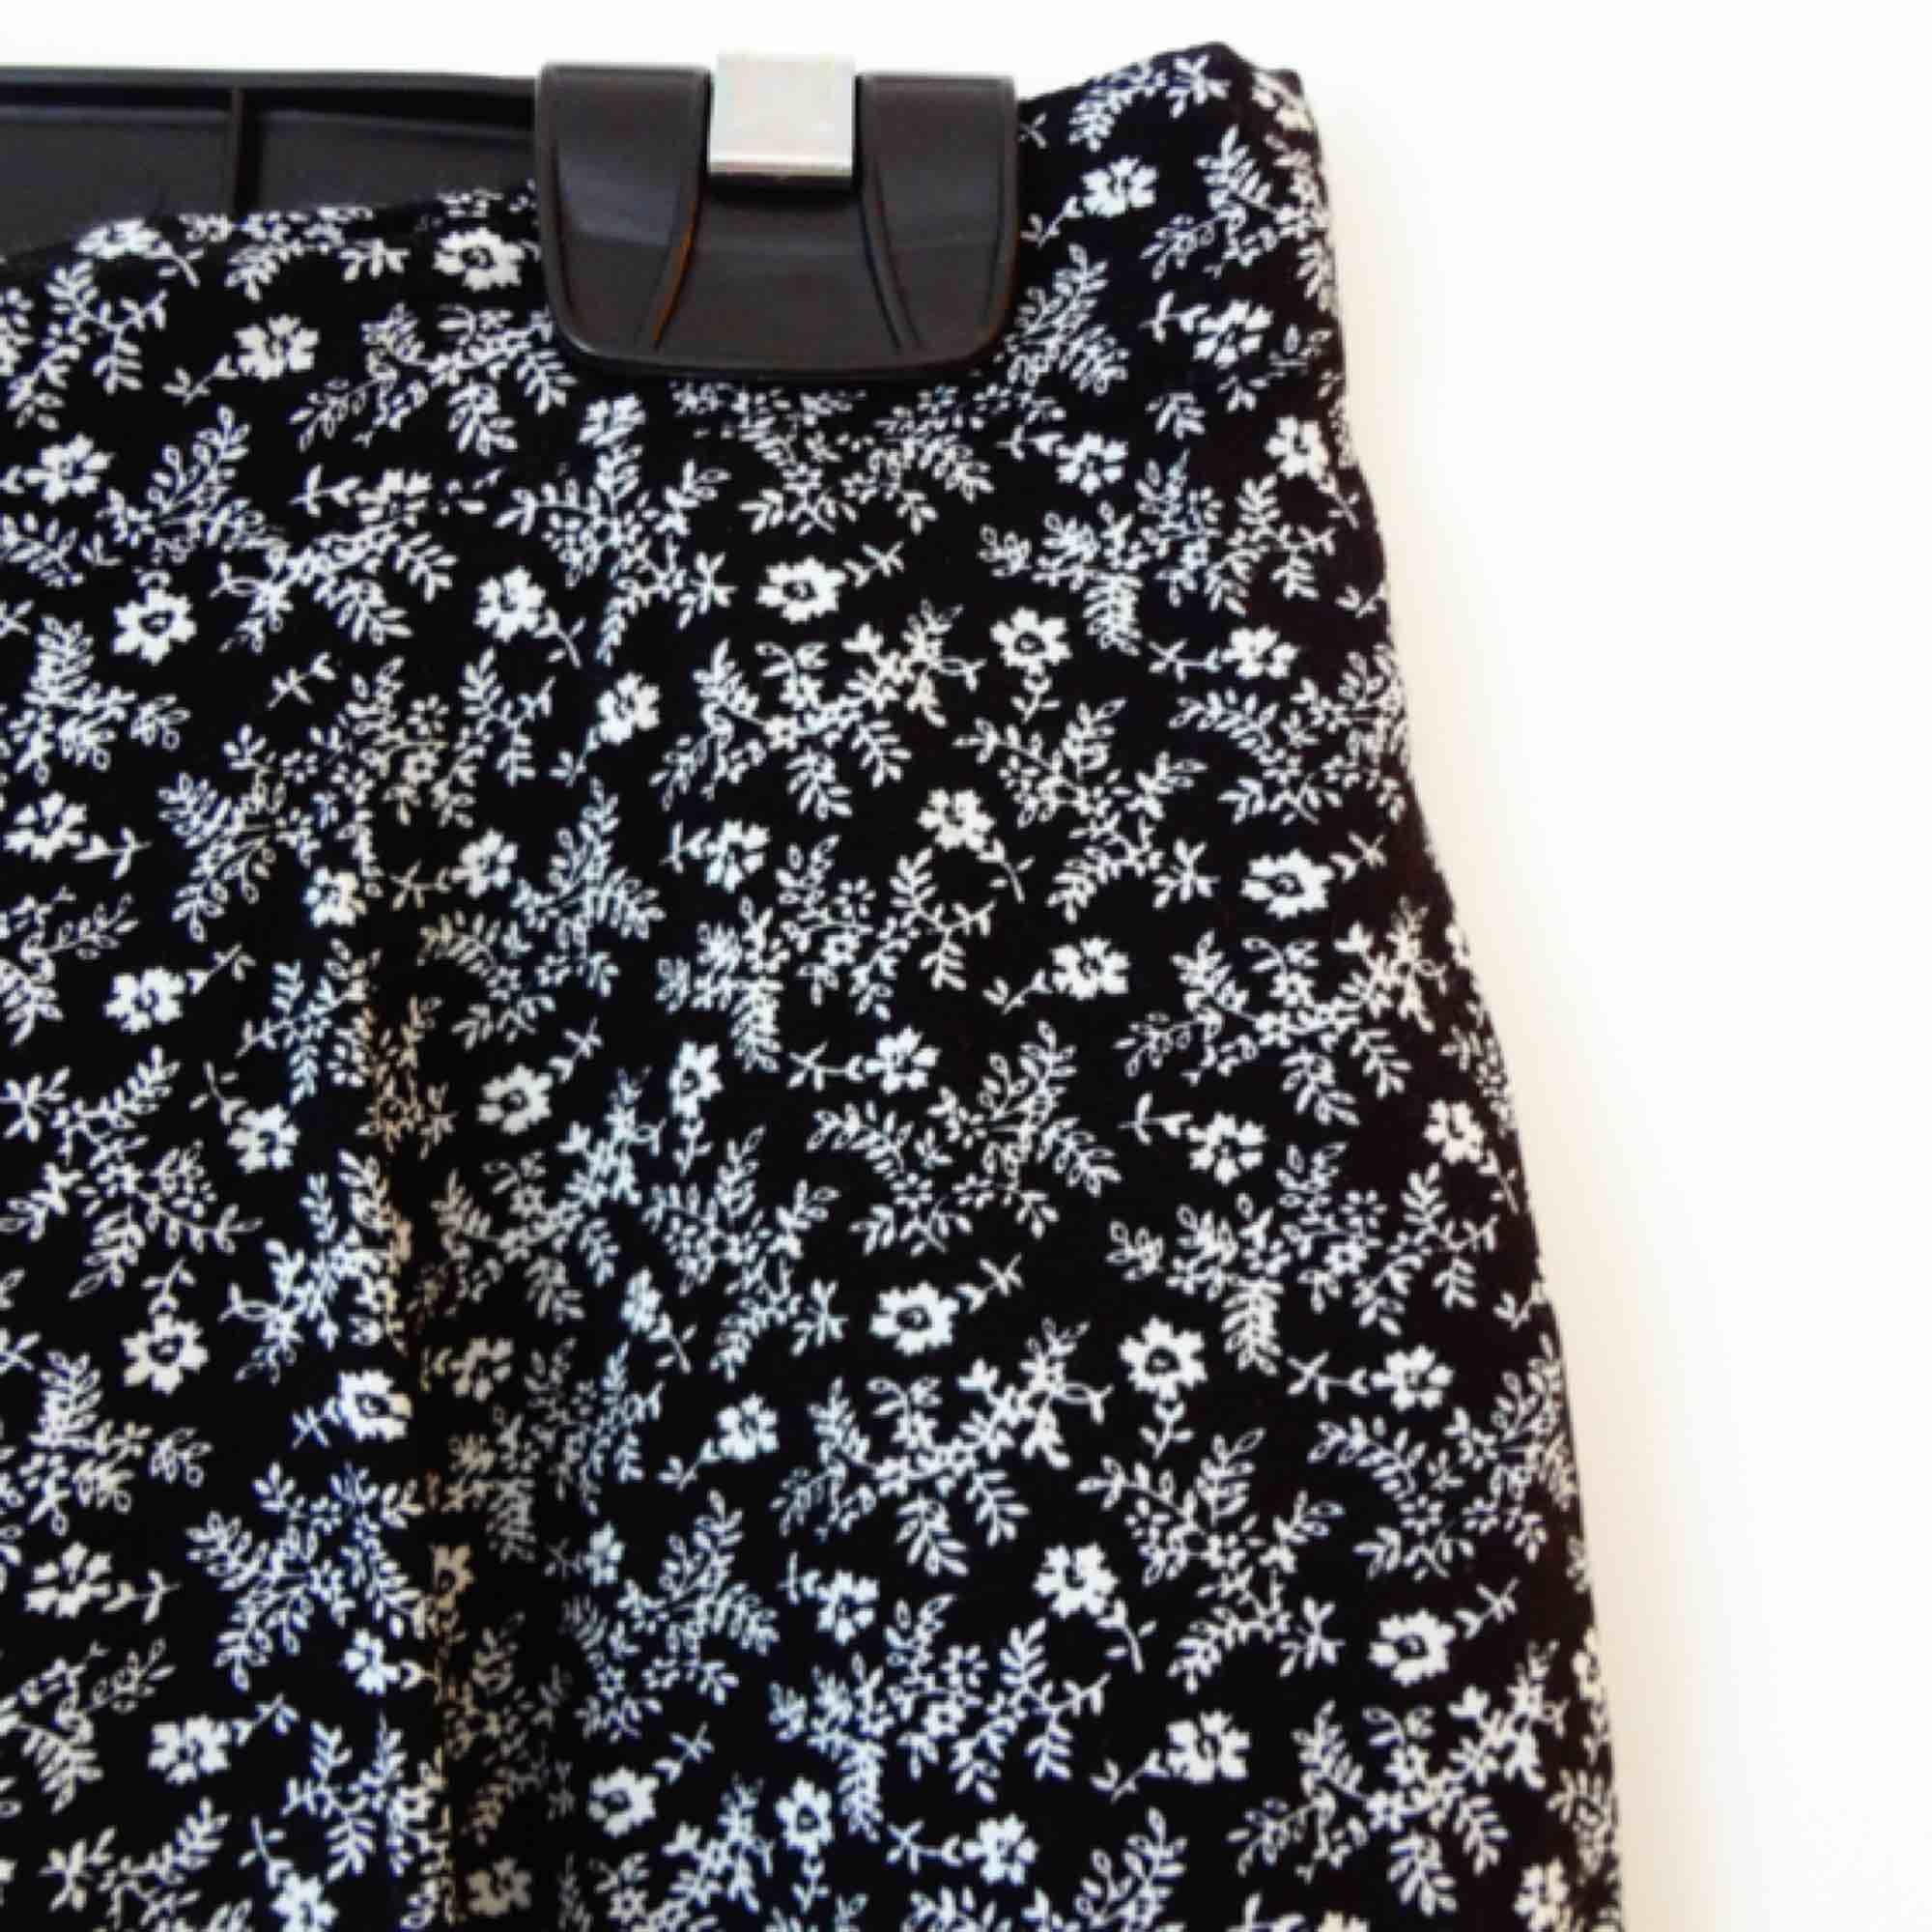 Gullig kjol från Bikbok med småblommigt mönster. Storlek L, men då den har resår i midjan har den även passat mig med strl 36/38. Endast använd ett fåtal gånger.. Kjolar.